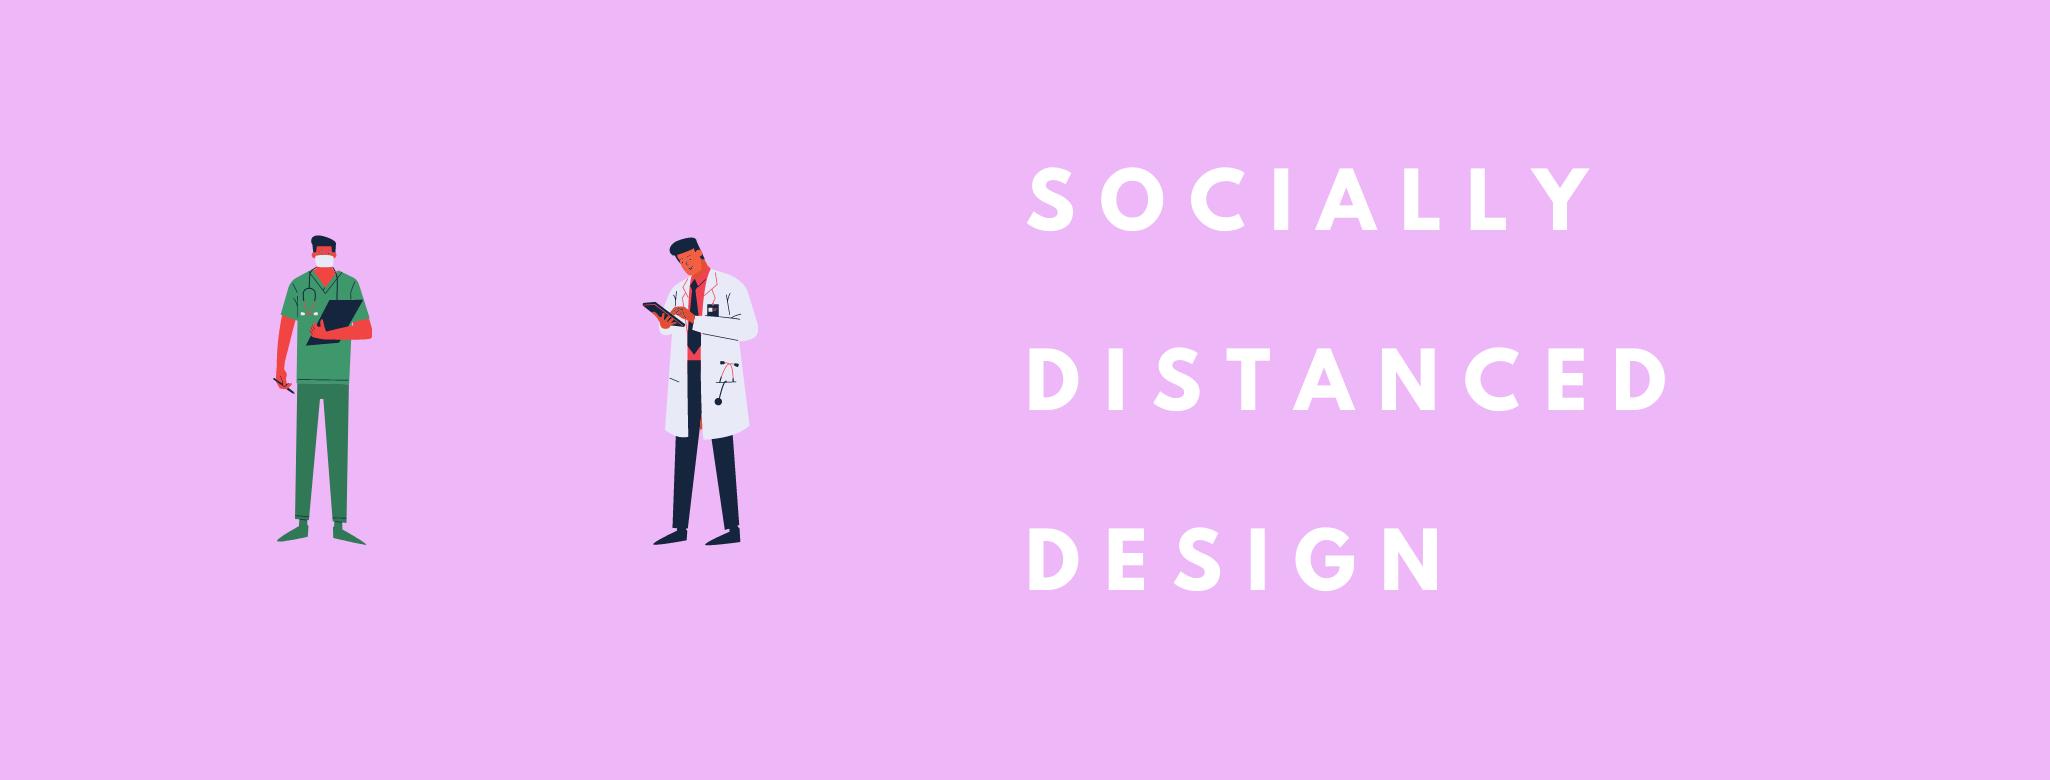 Socially Distanced Design